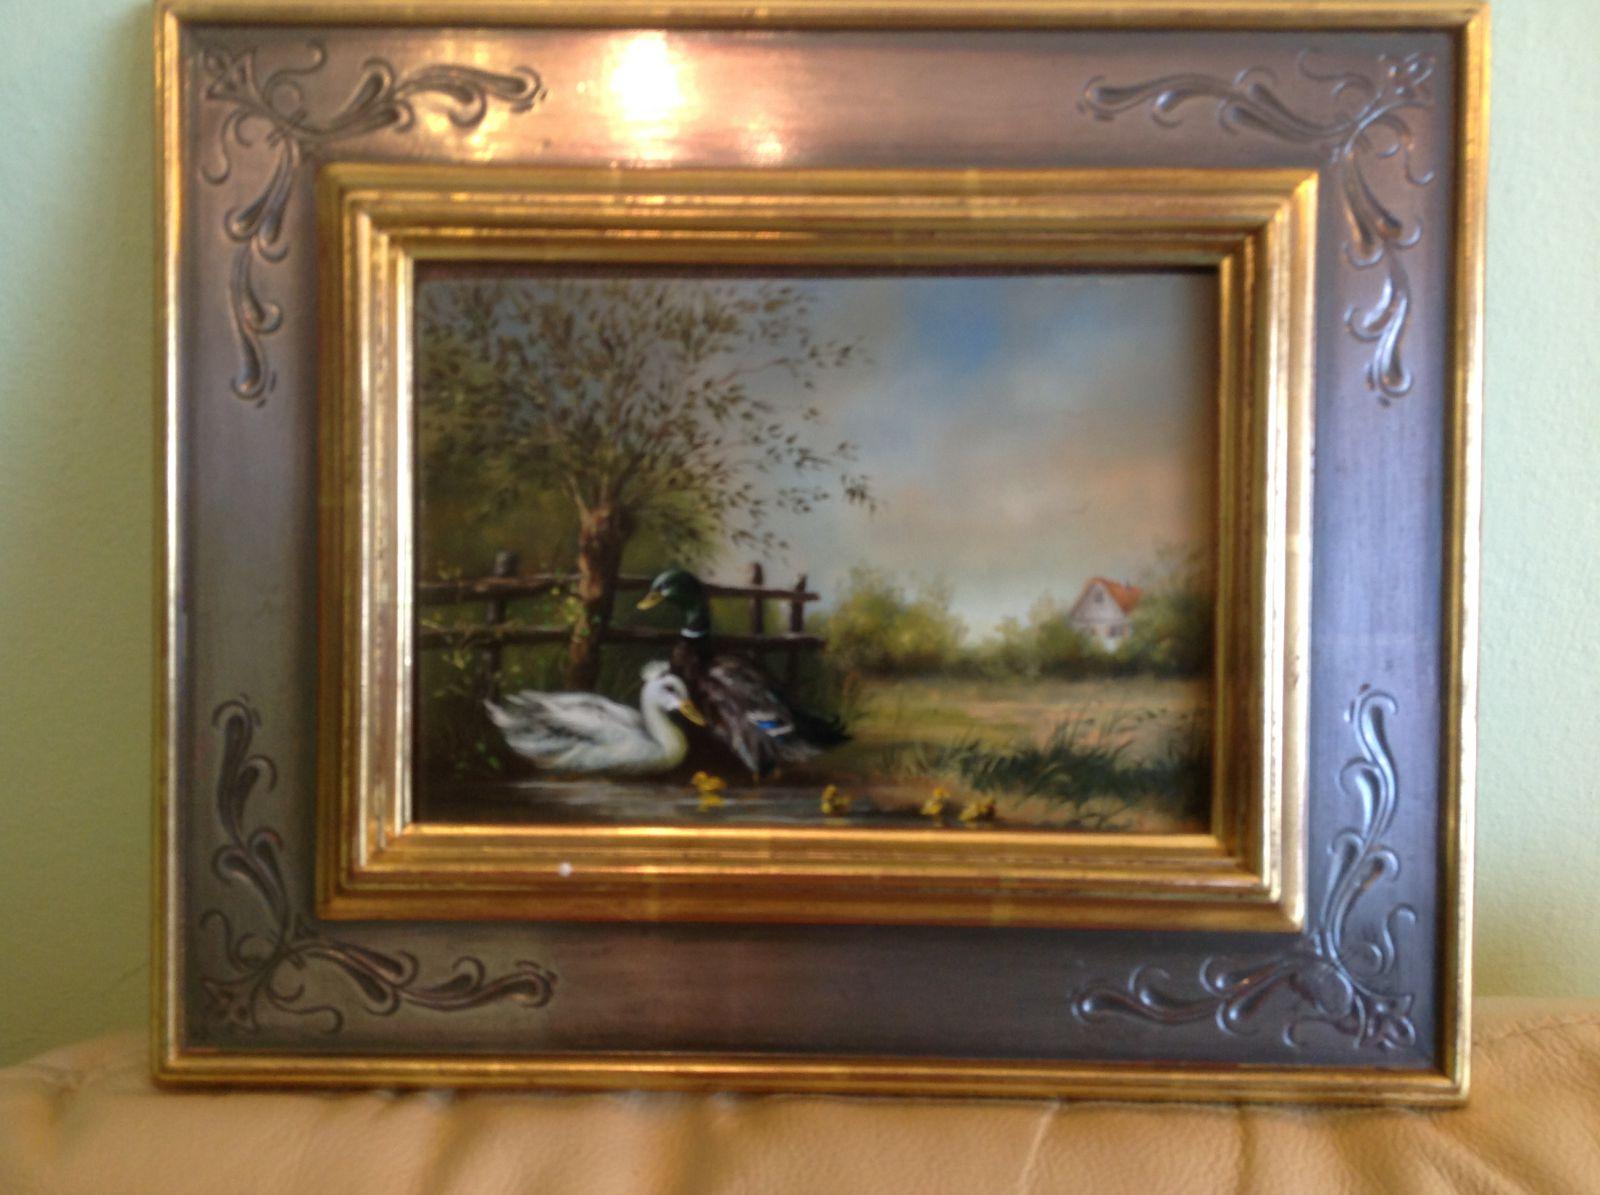 Купить старинную картину 70 лет победы 10 рублей цена